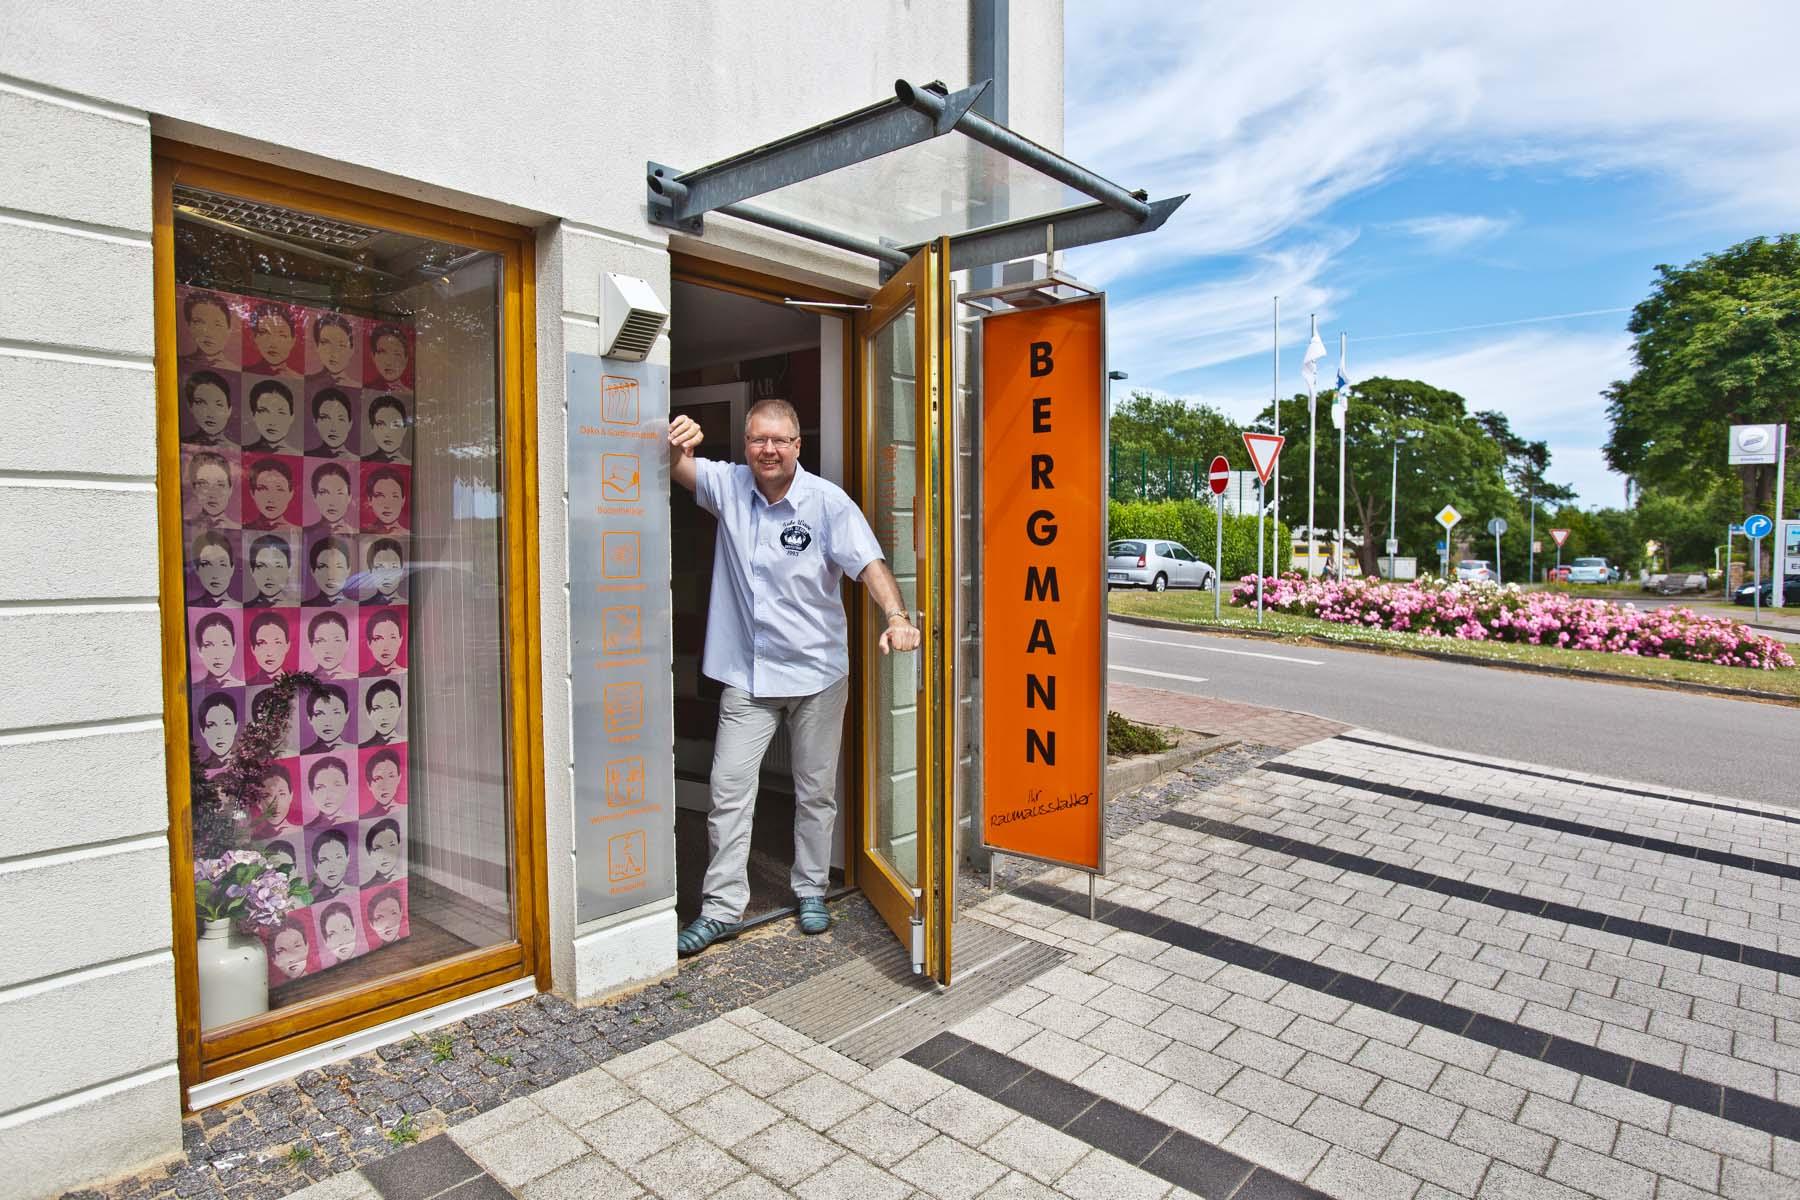 http://bergmann-raumausstatter.de/wp-content/uploads/2016/09/bergmann_raumausstatter_usedom_ueckeritz-11.jpg